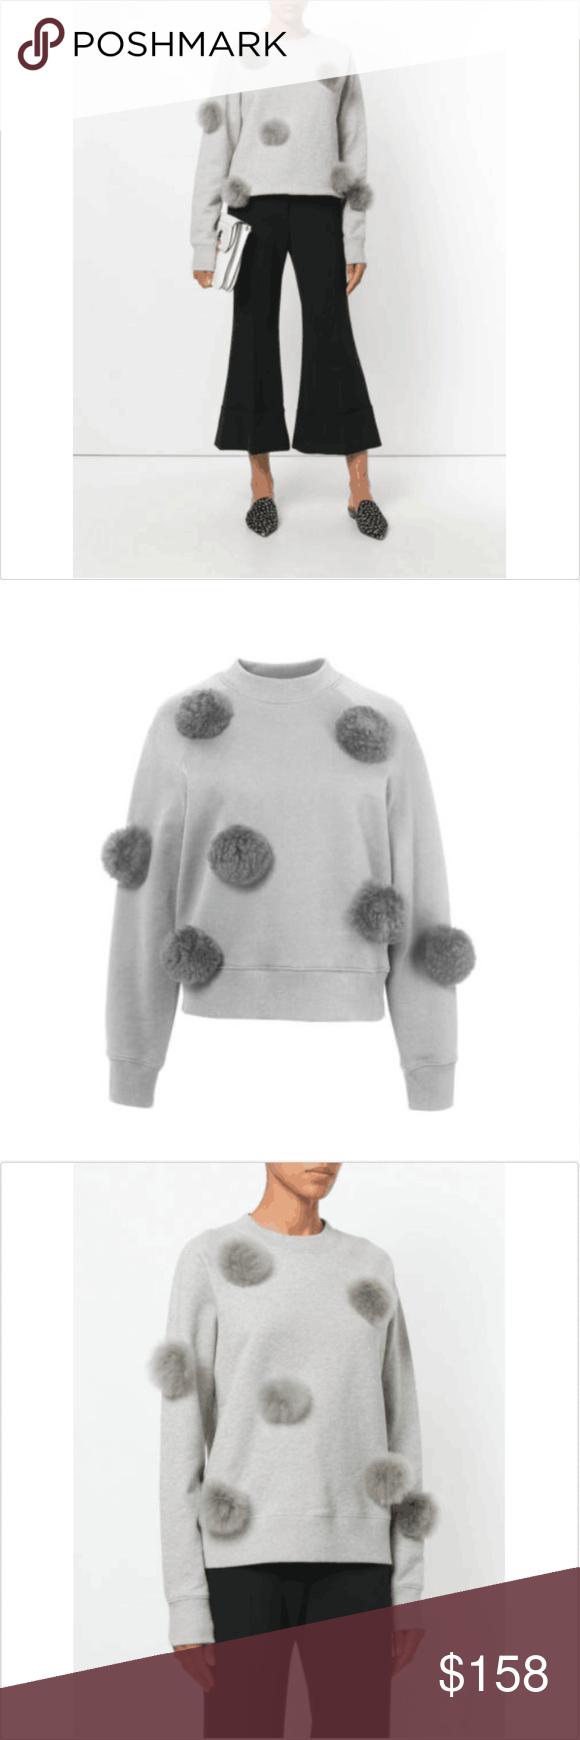 Tibi Pom Pomalpaca Fur Sweatshirt Heather Gray Heather Grey And